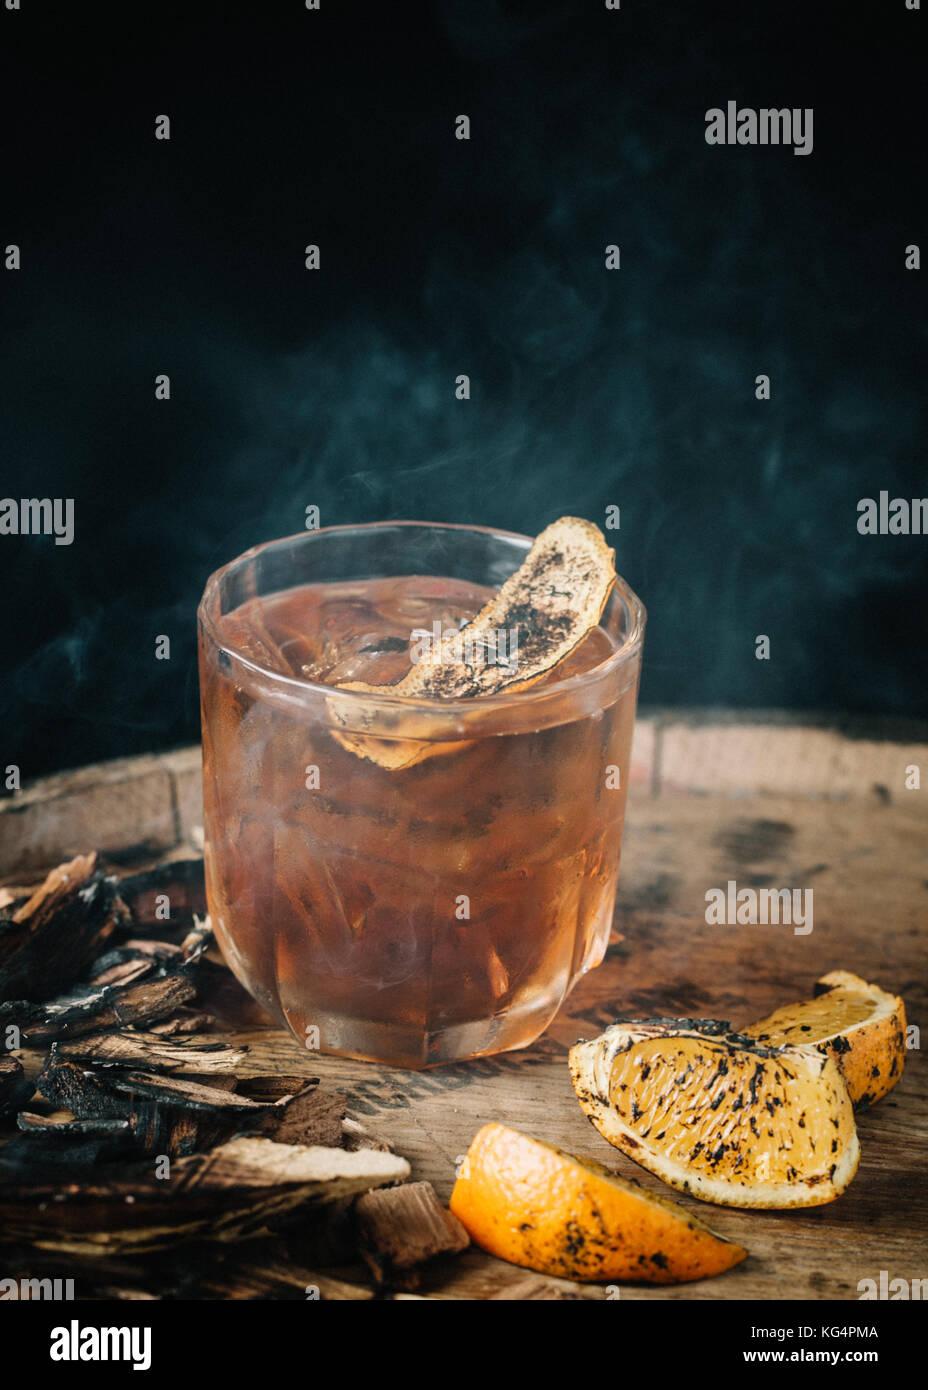 Geräucherter altmodische Cocktail garniert mit einer Orangenhaut auf dunklem Hintergrund Stockbild